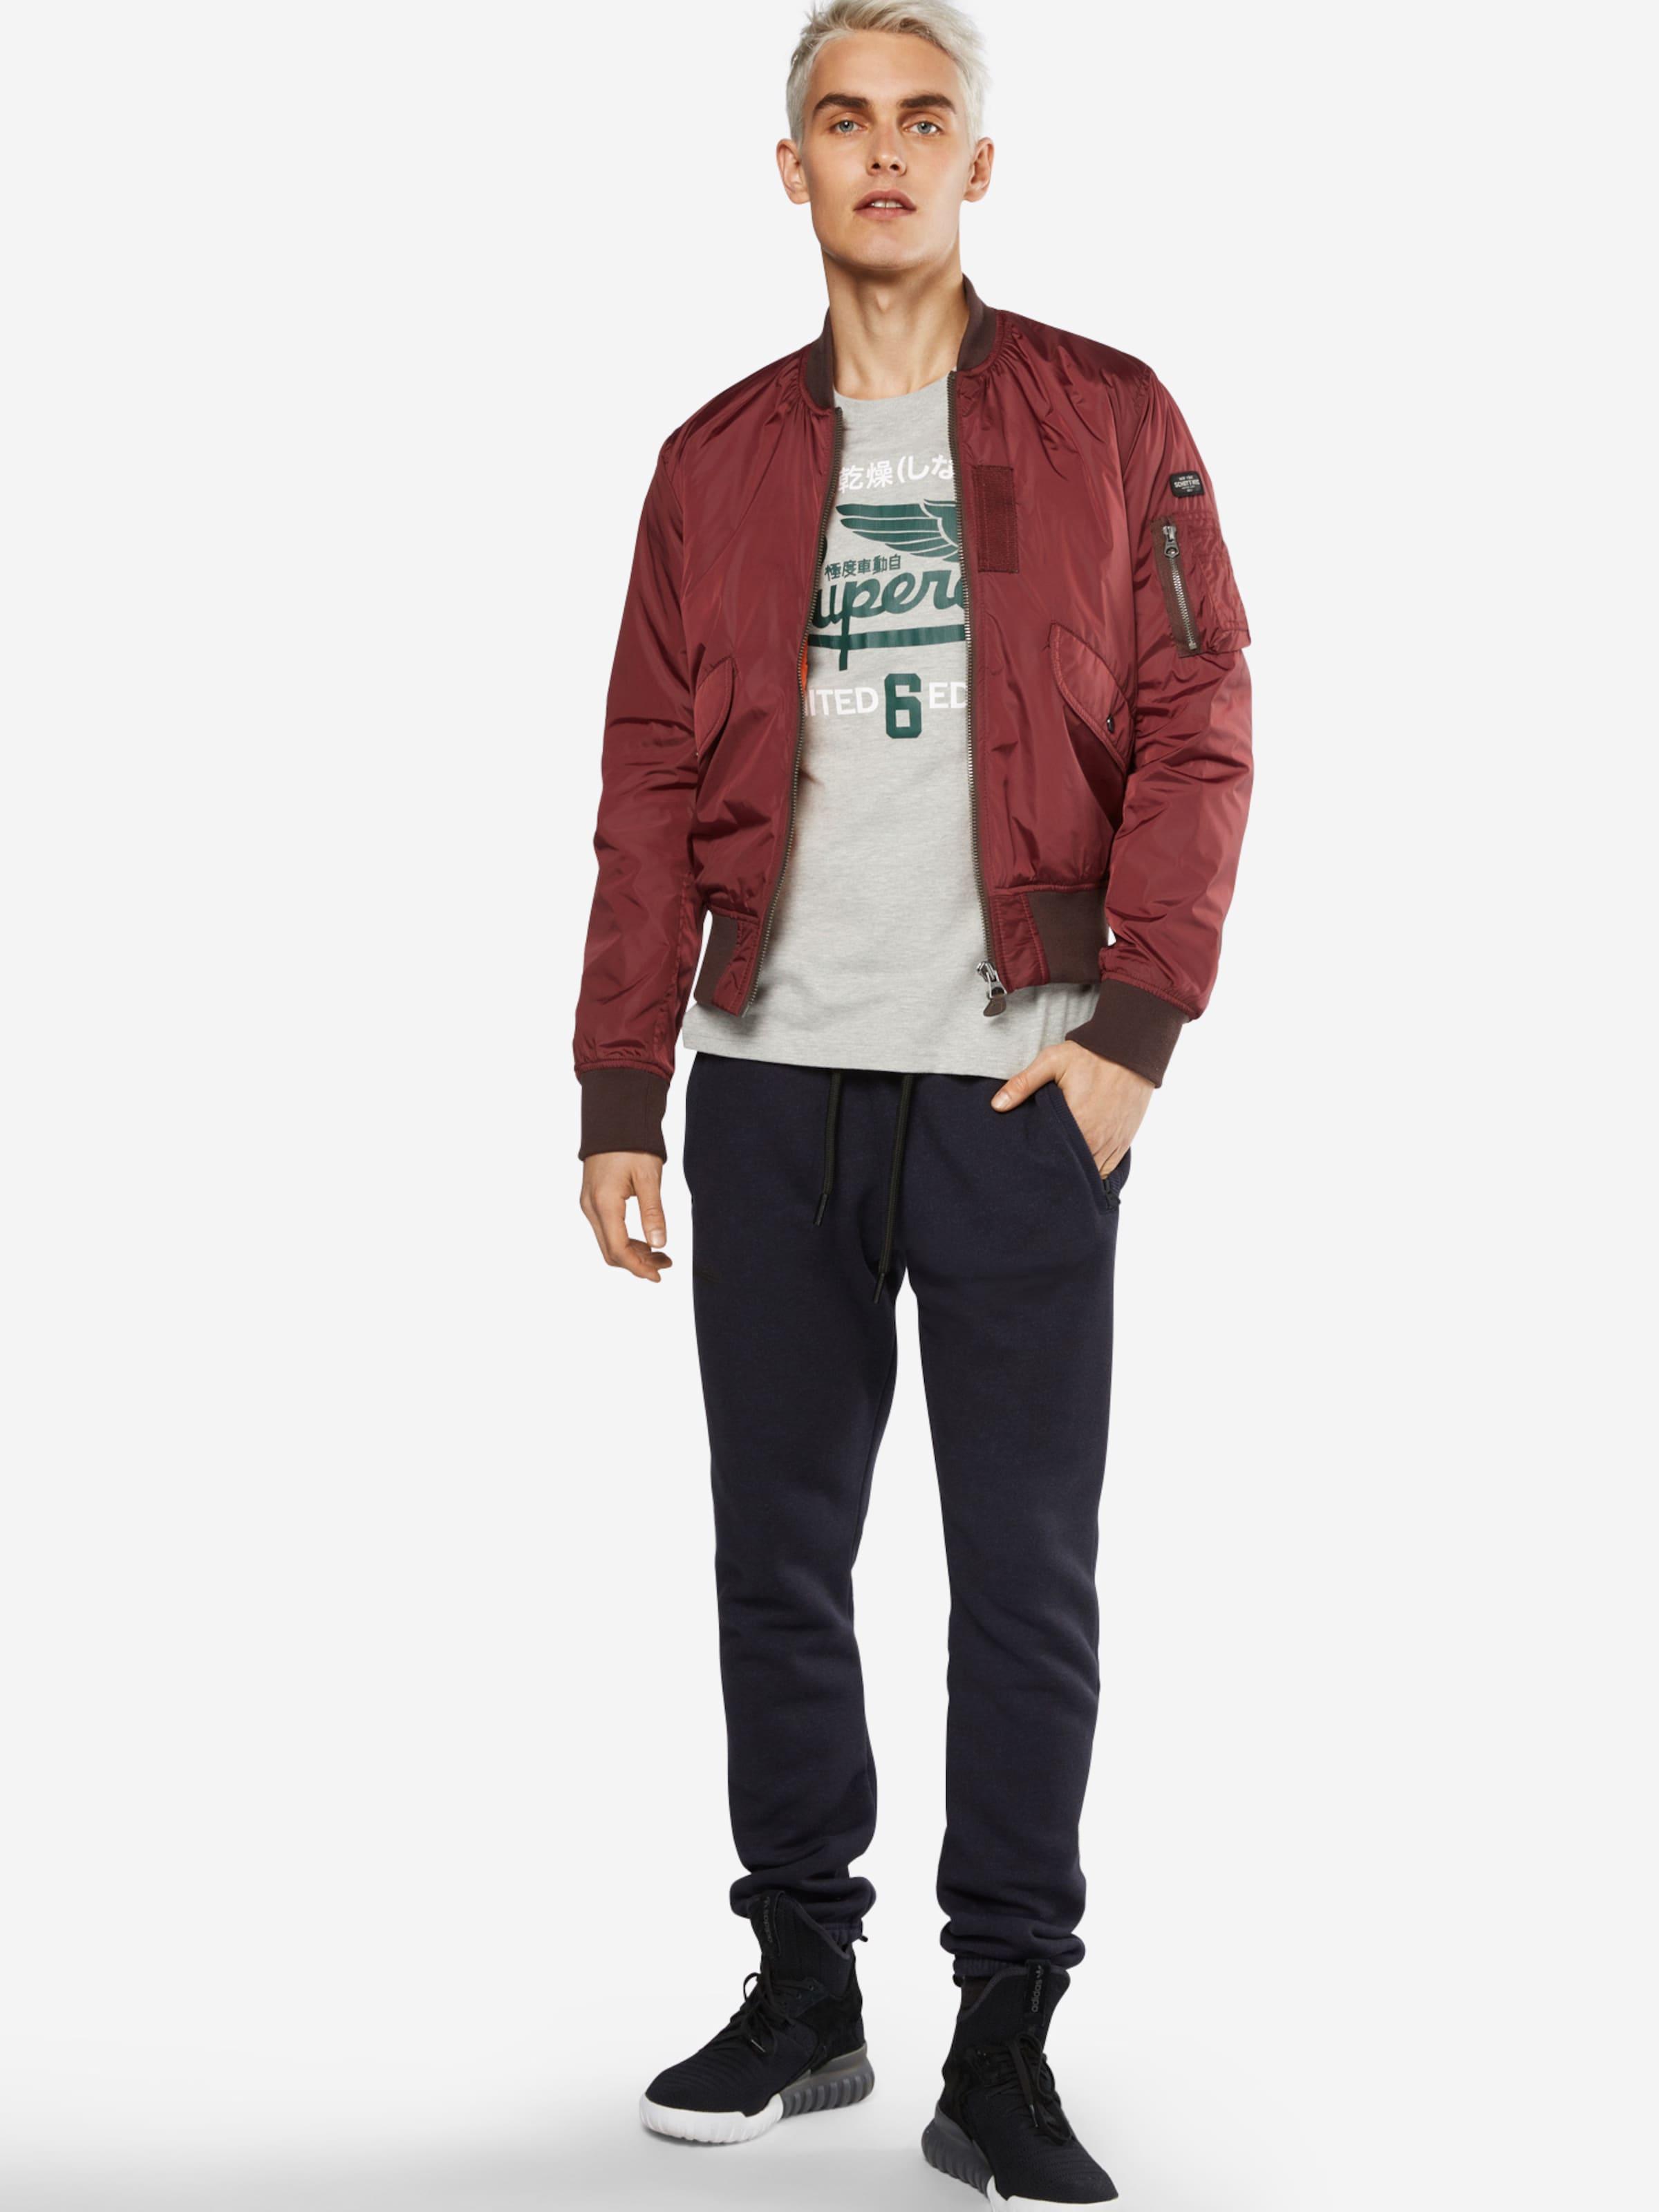 Superdry Bedrucktes Shirt 'LIMITED ICARUS TEE' Online Blättern Freies Verschiffen Schnelle Lieferung Spielraum Gut Verkaufen eVWLW6FCBR